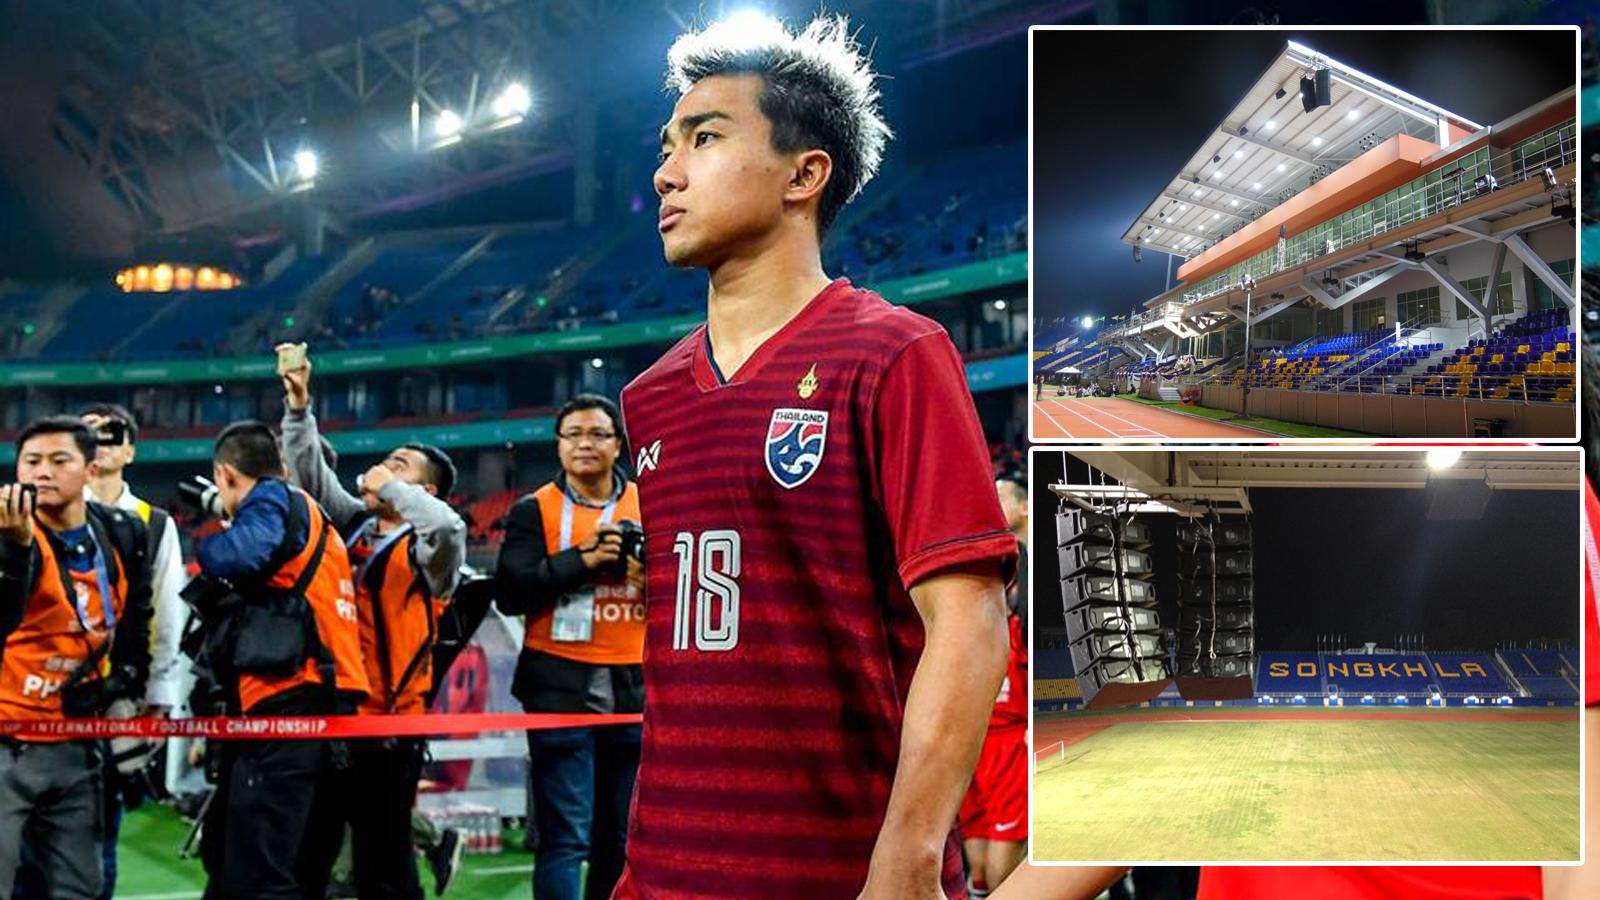 กรวีร์ ปริศนานันทกุล ทีมชาติไทย ฟุตบอลโลก 2022 รอบคัดเลือก โซนเอเชีย สนามกีฬาติณสูลานนท์